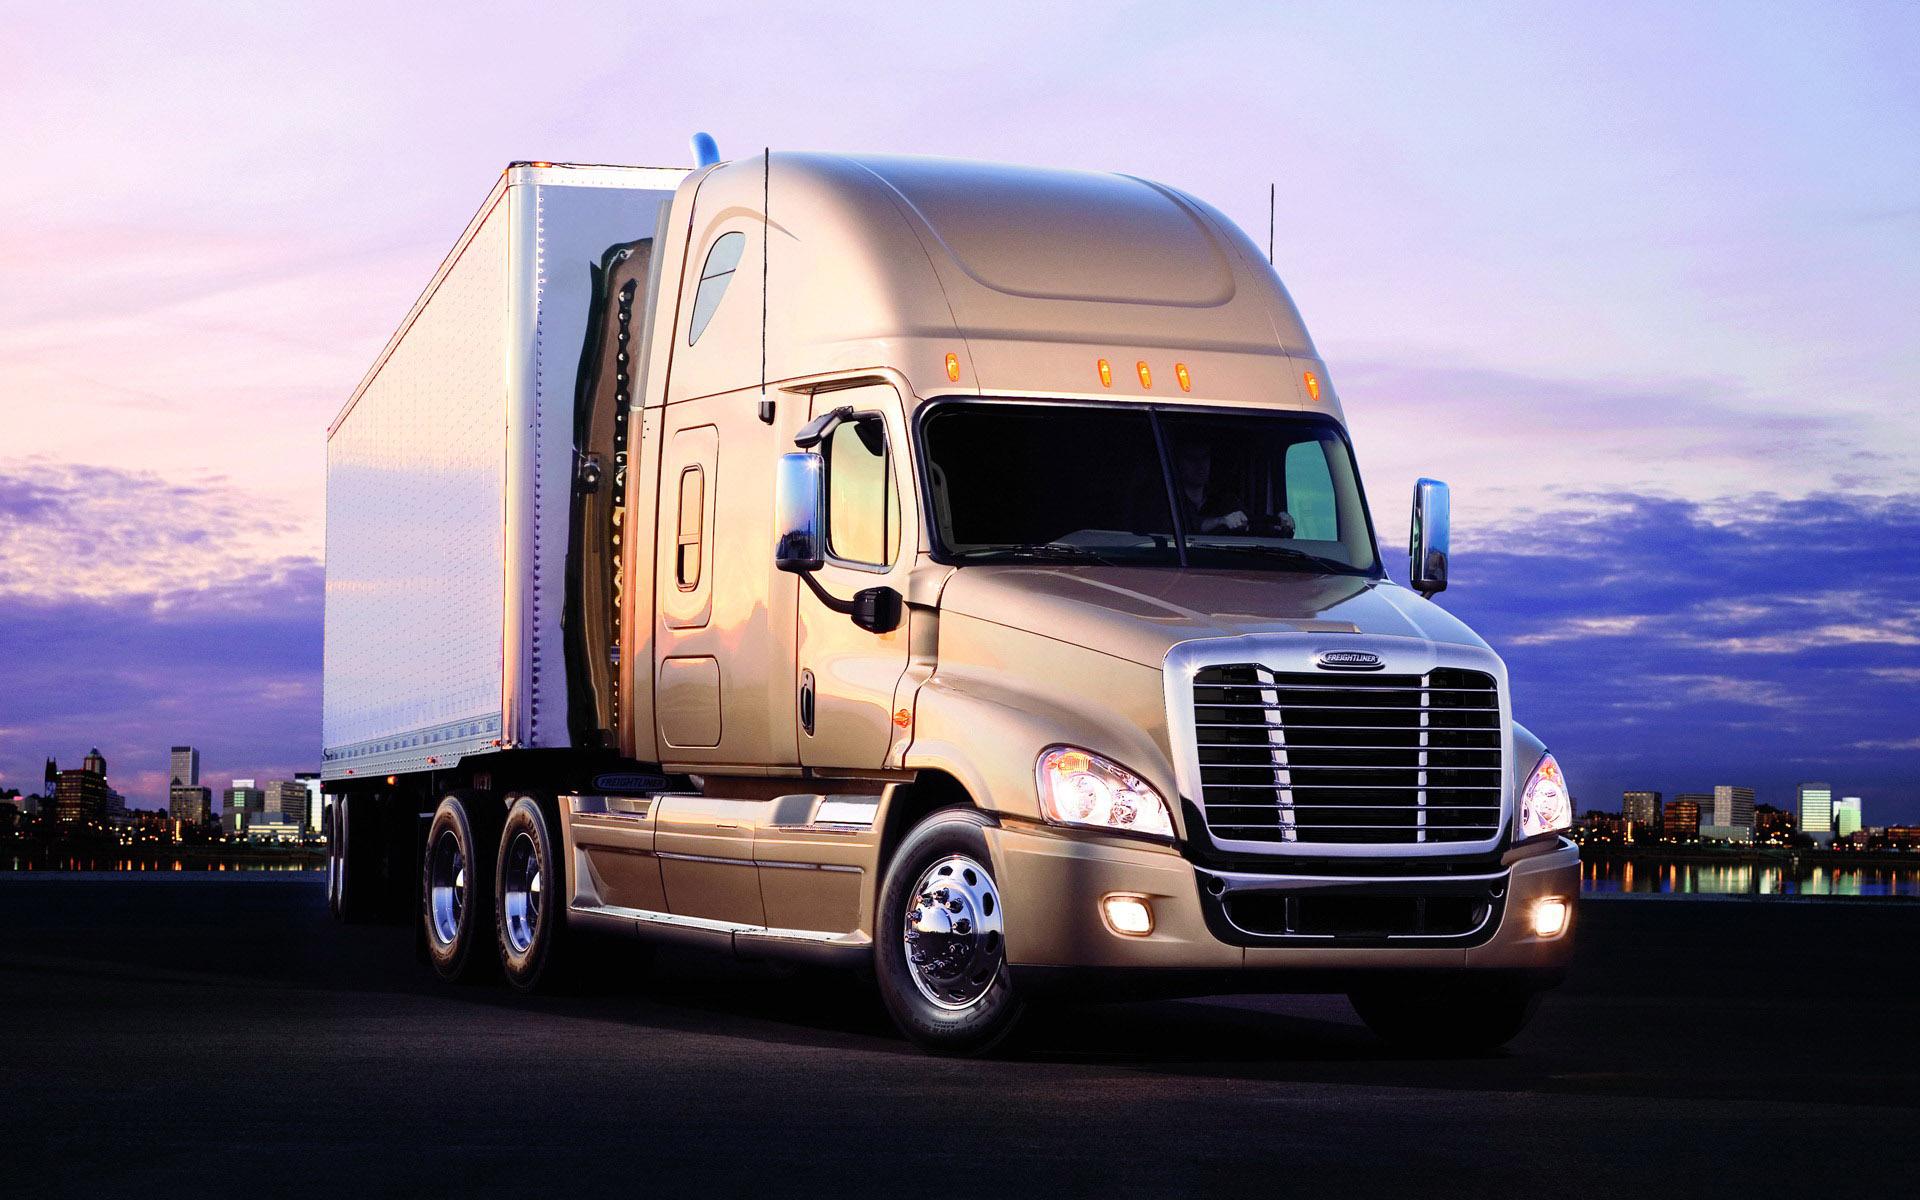 Commercial Trucks Wallpapers Desktop Wallpapers 1920x1200